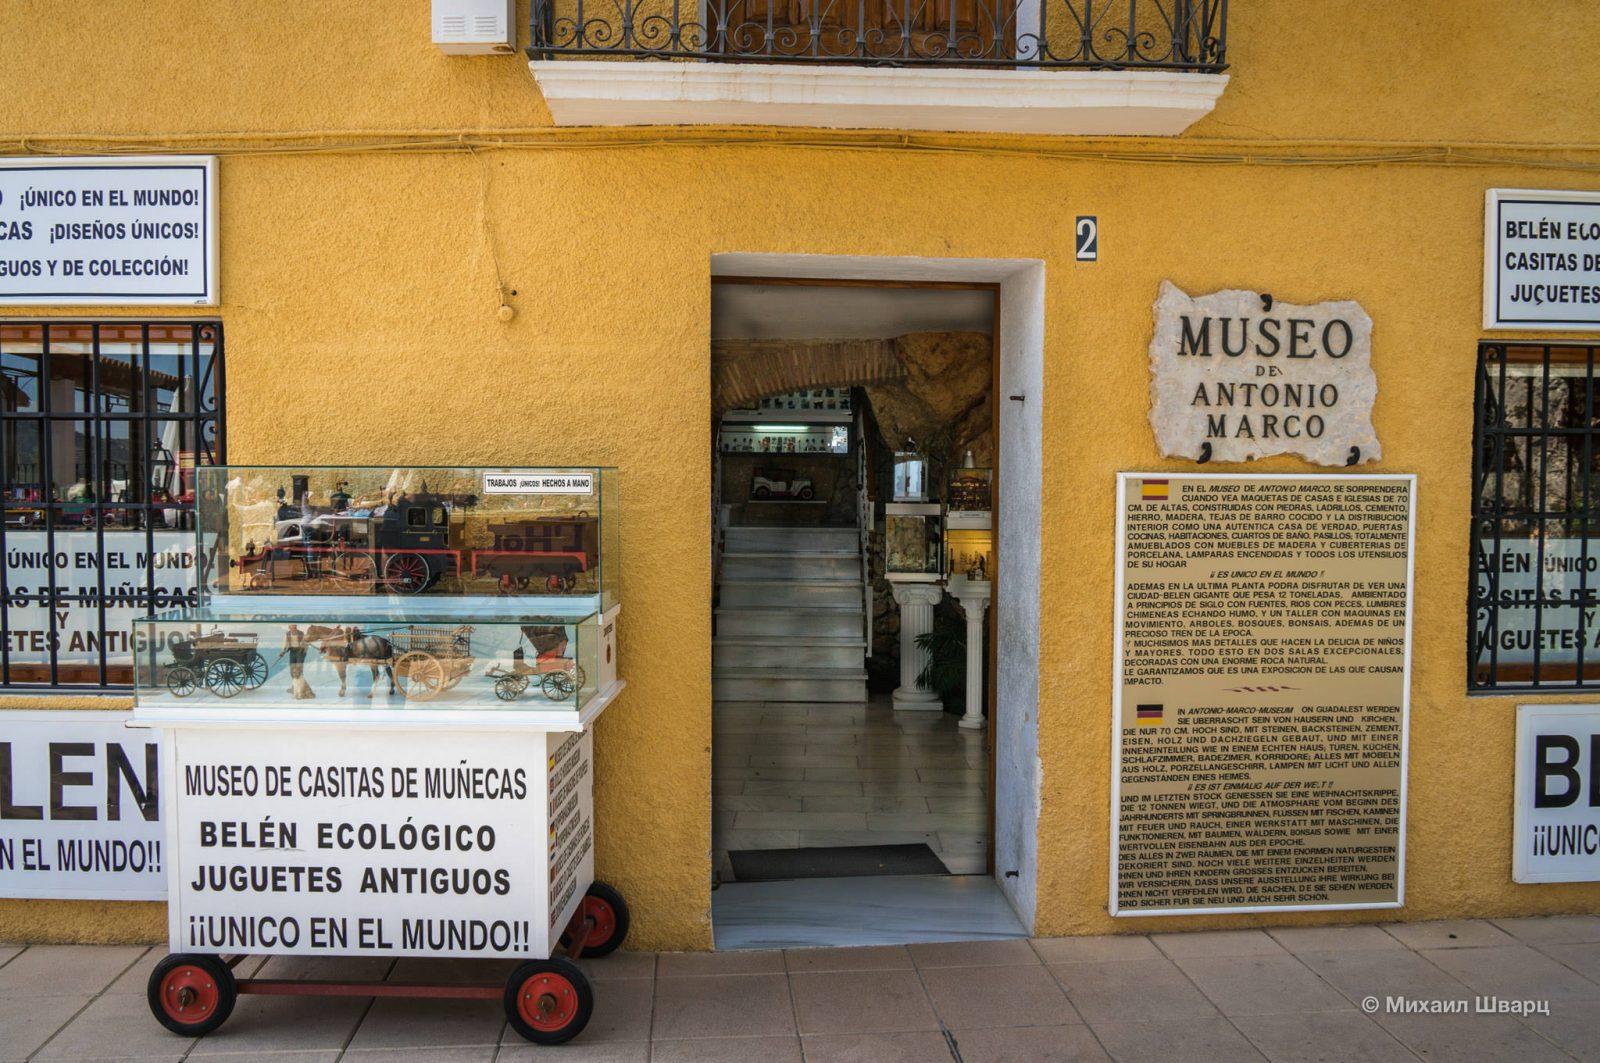 Музей Рождественских фигур и домиков или Музей Антонио Марко